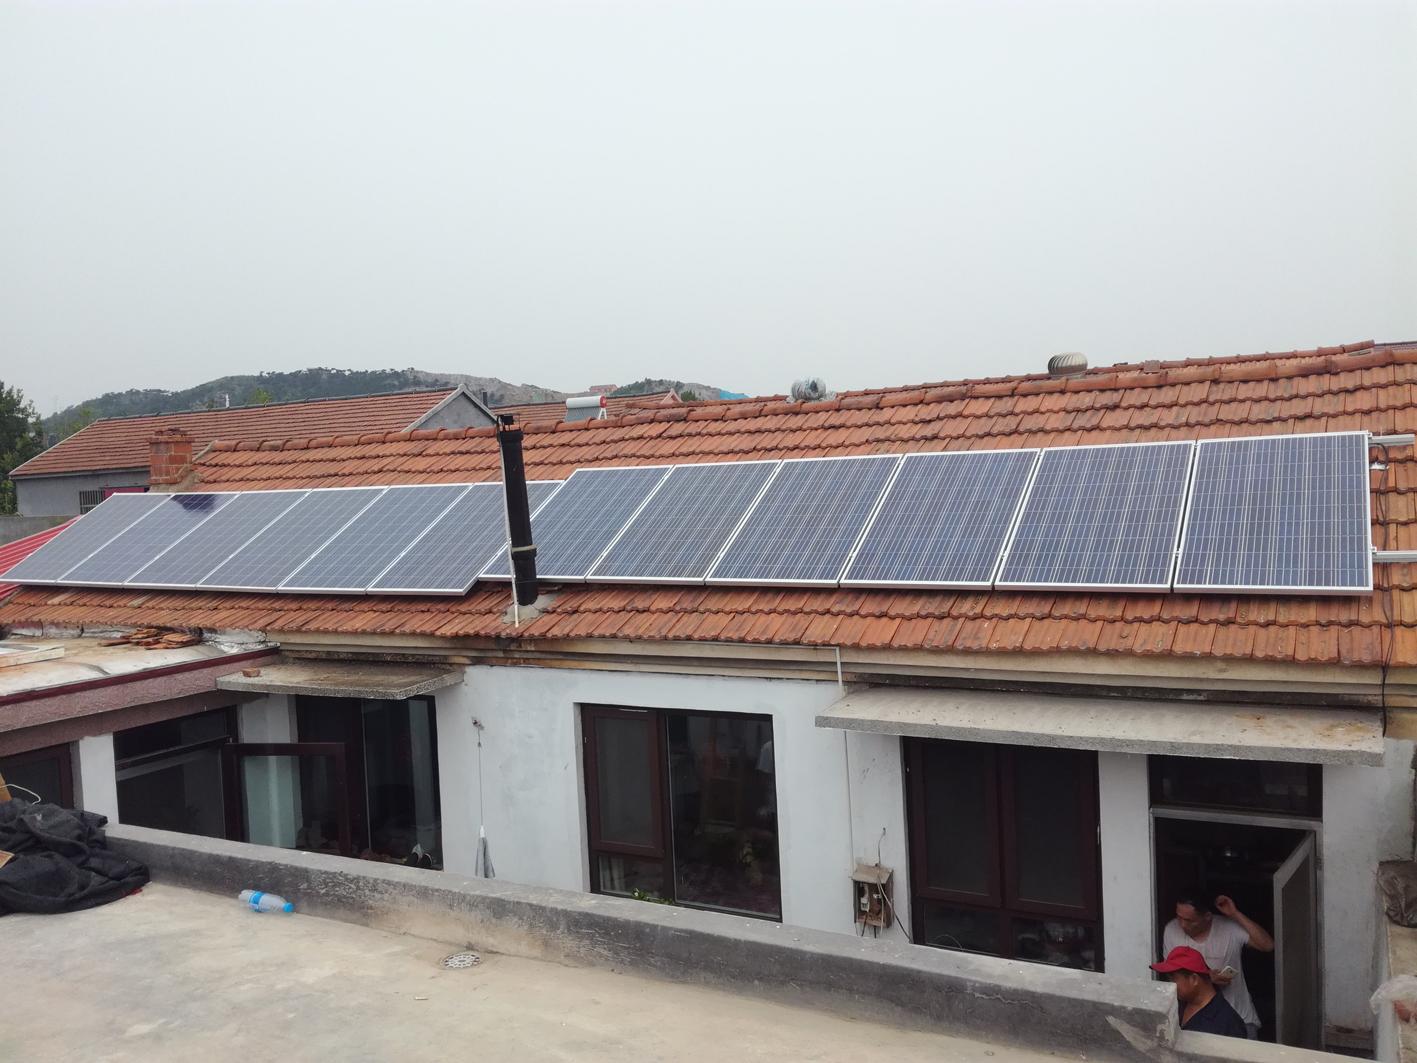 胶州家庭3KW瓦房屋顶并网电站.jpg